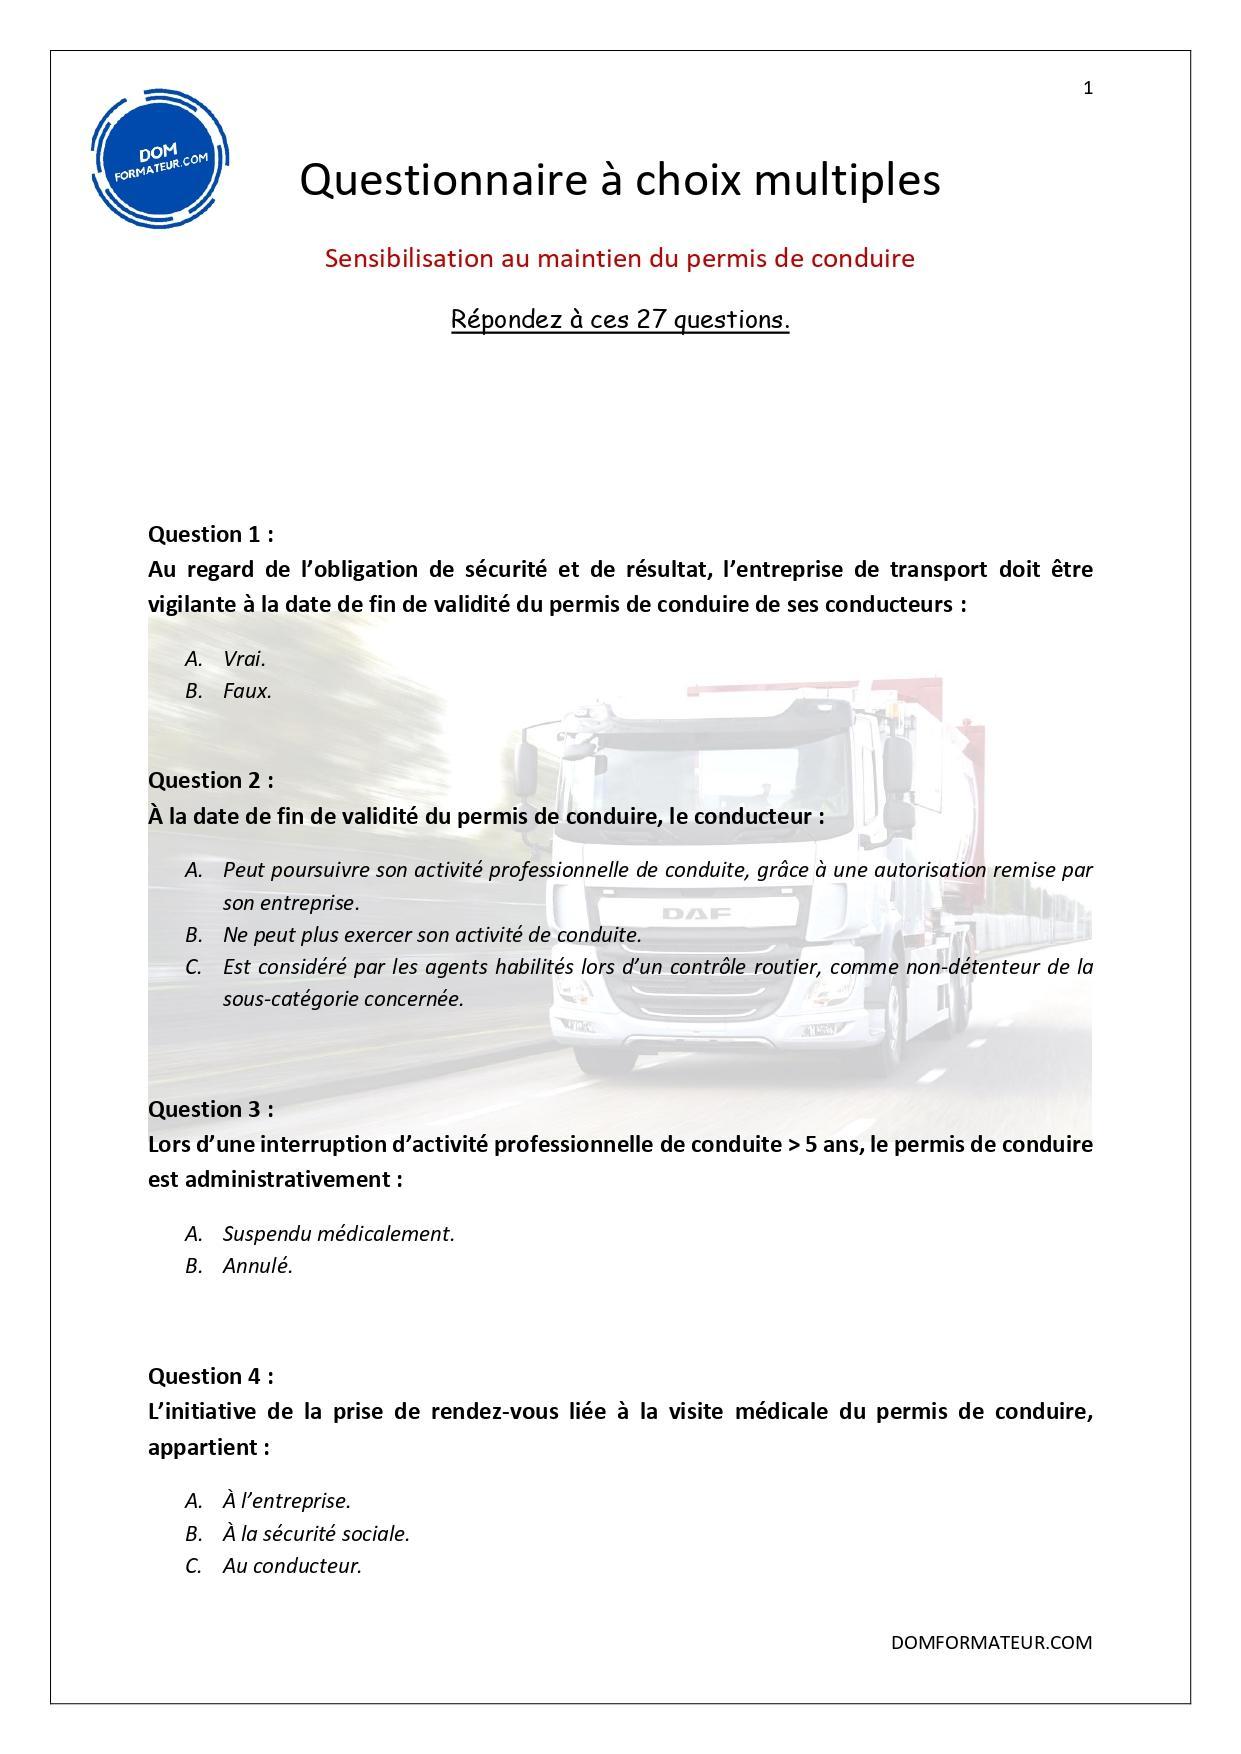 Sensibilisation au maintien du permis de conduire copie page 0001